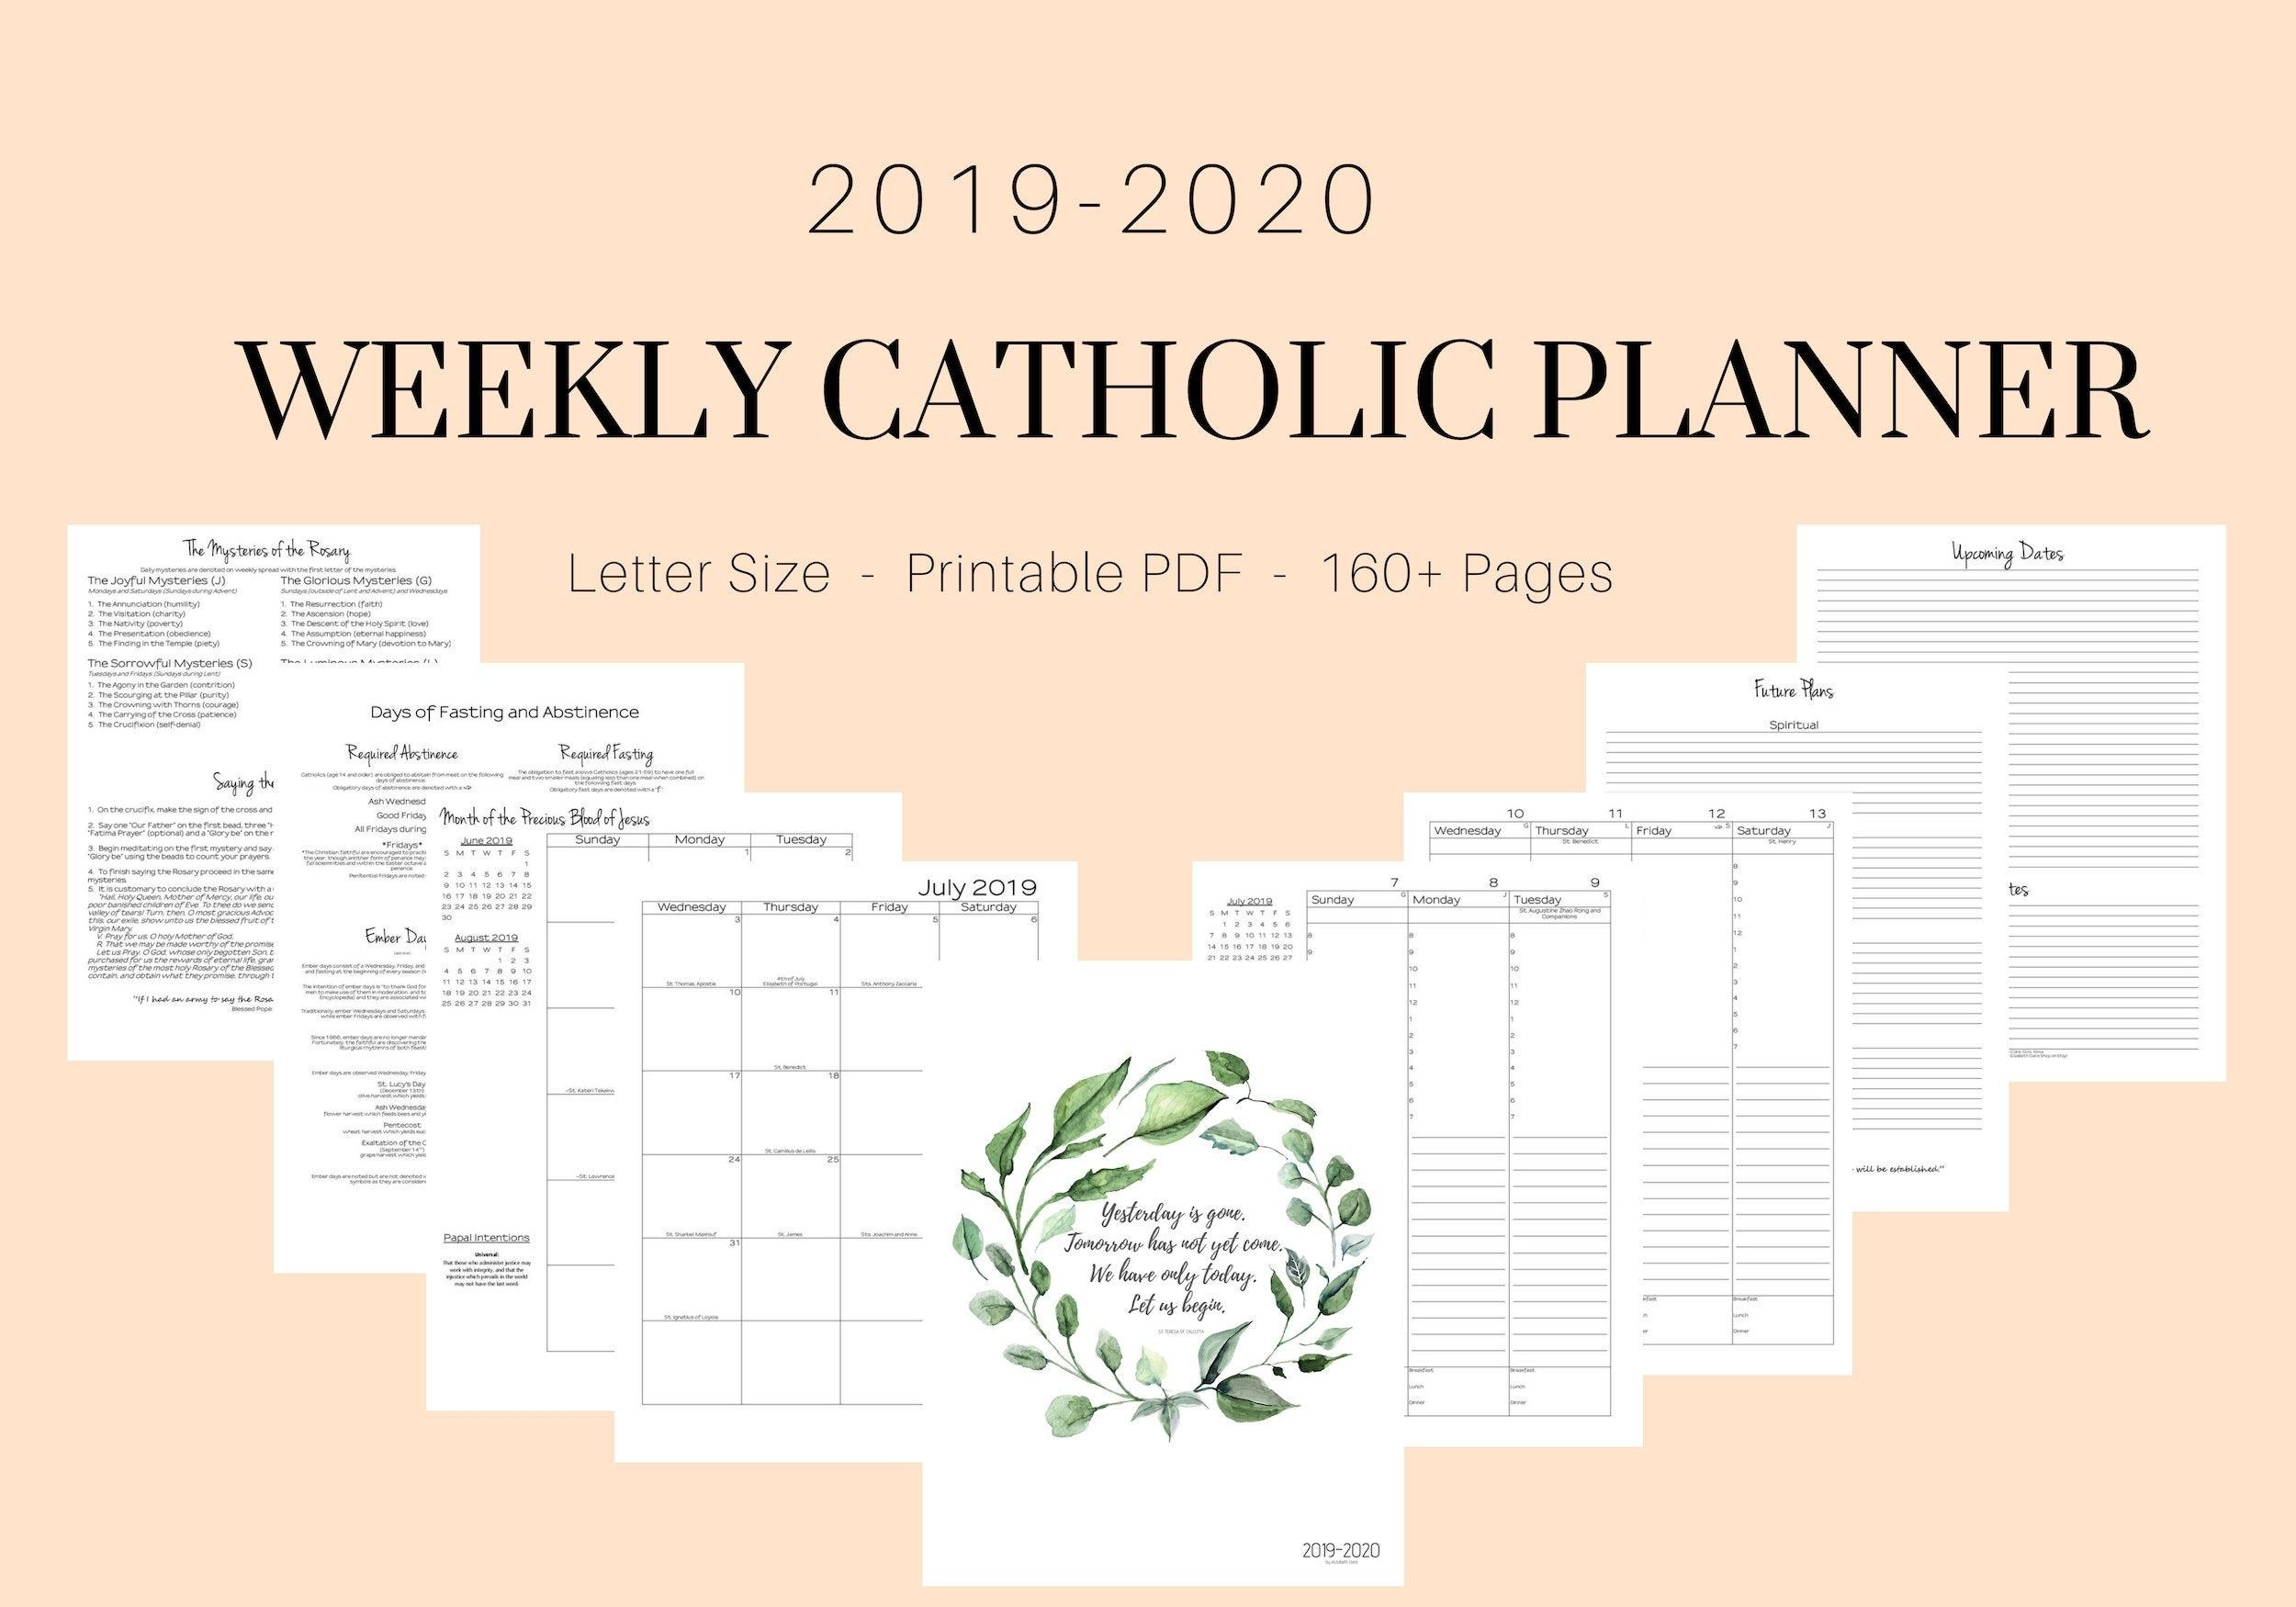 Catholic Liturgical Calendar 2020 Pdf - Calendar Inspiration with 2020 Catholic Liturgical Calendar Pdf